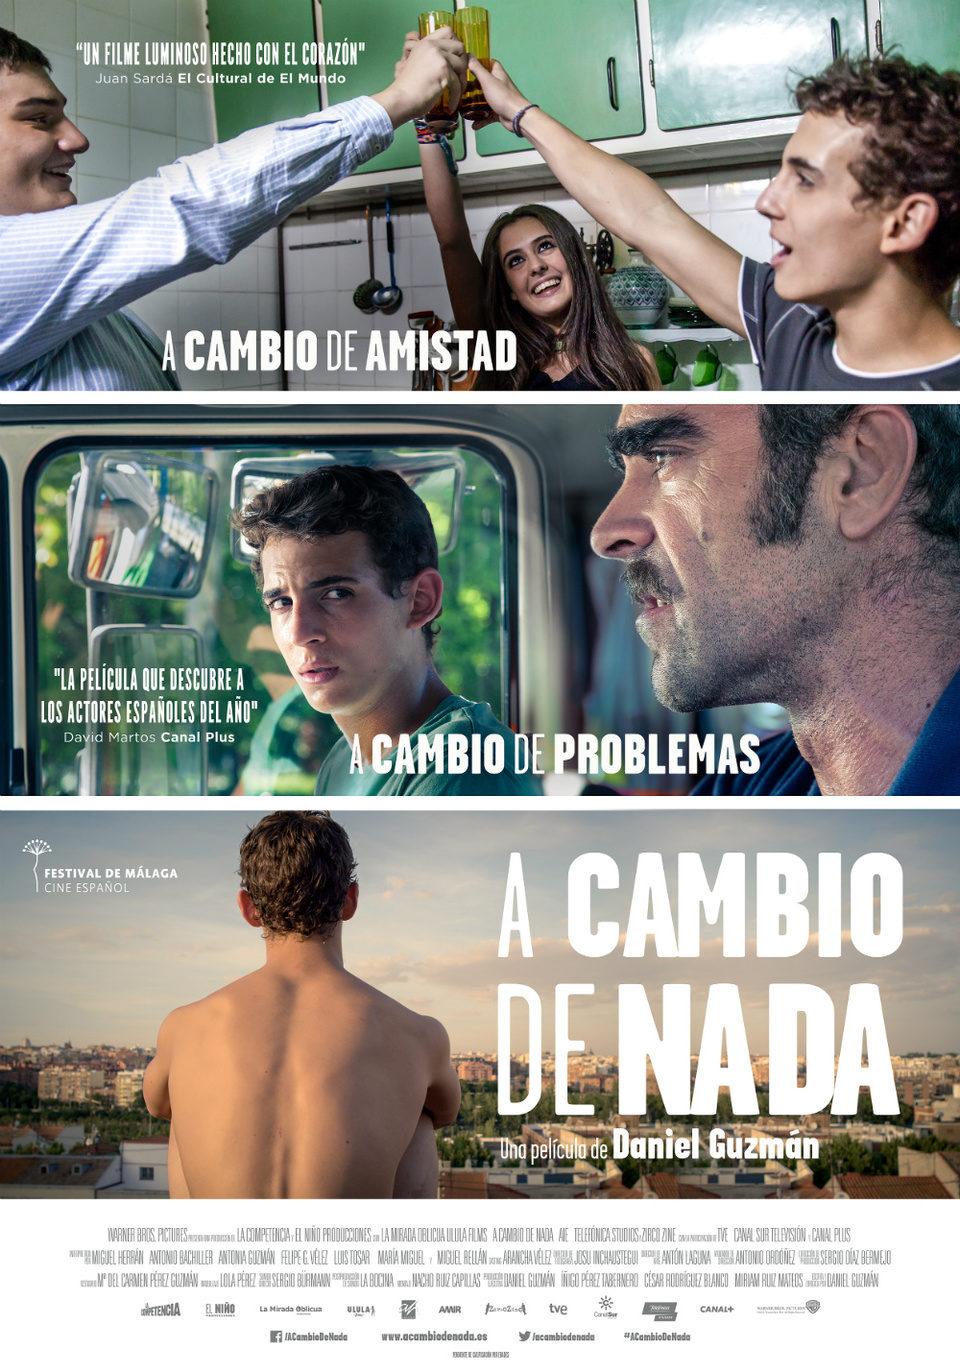 España poster for A cambio de nada